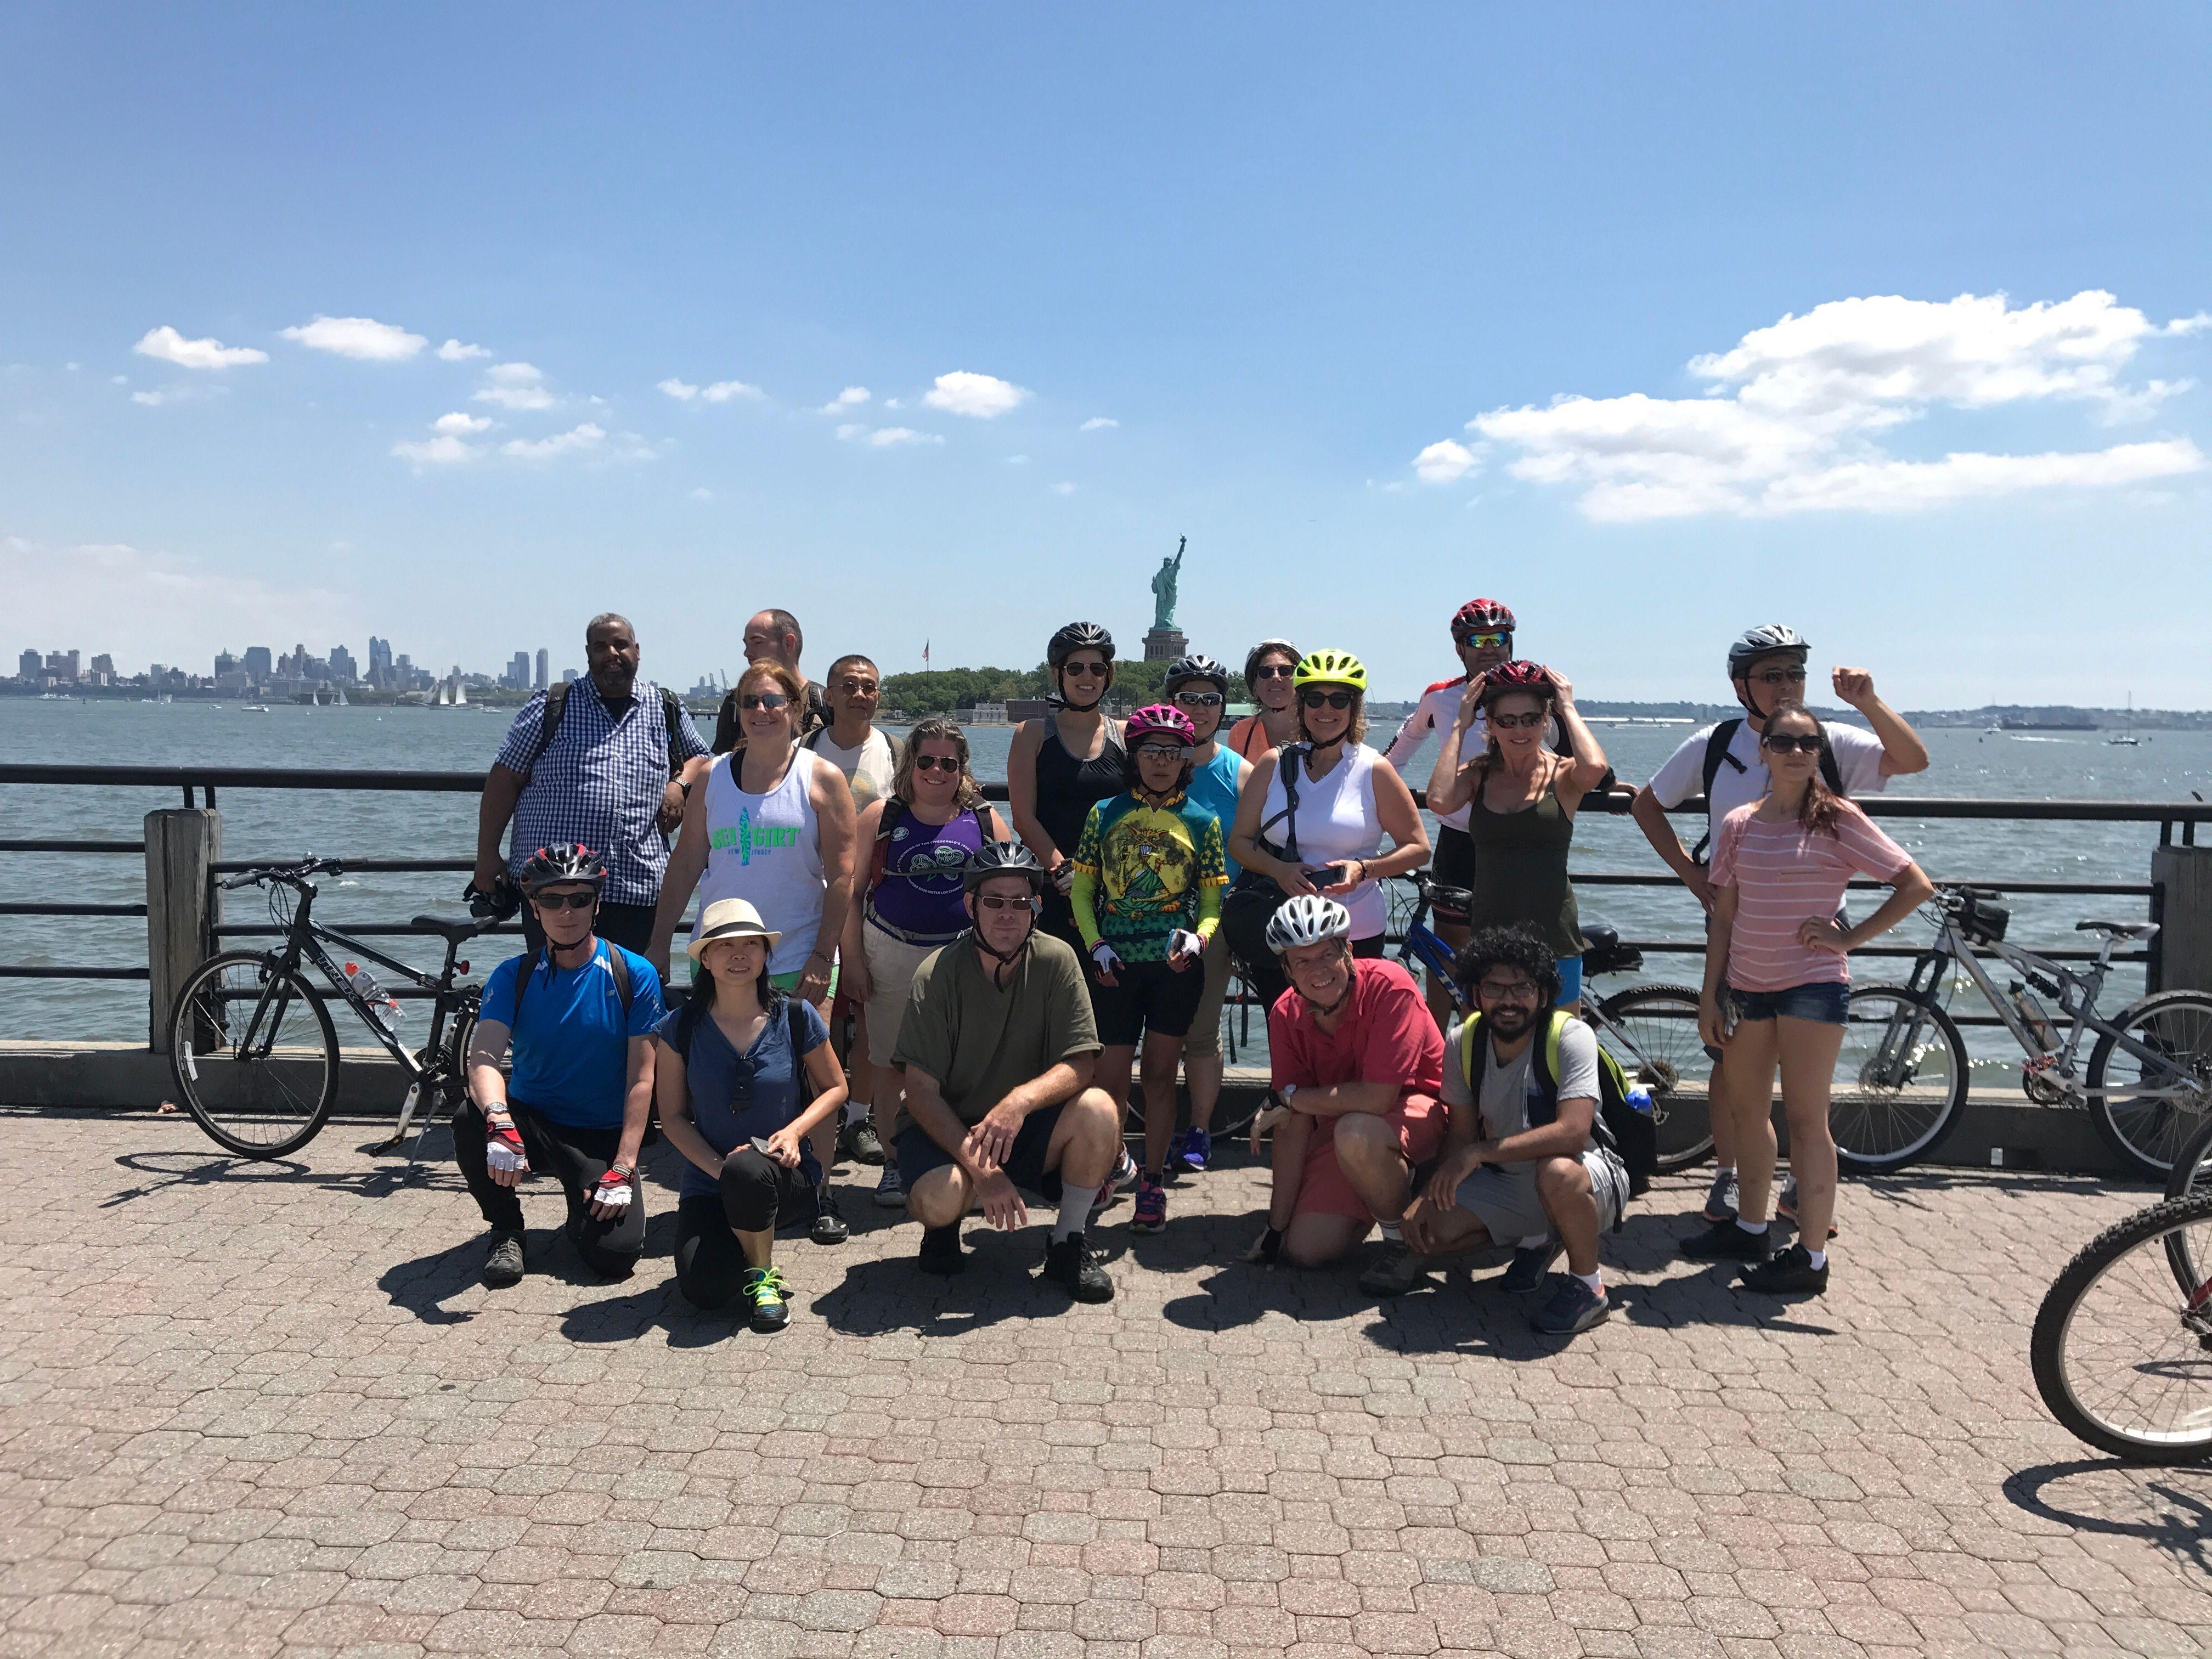 The NJ Biking & Hiking Group